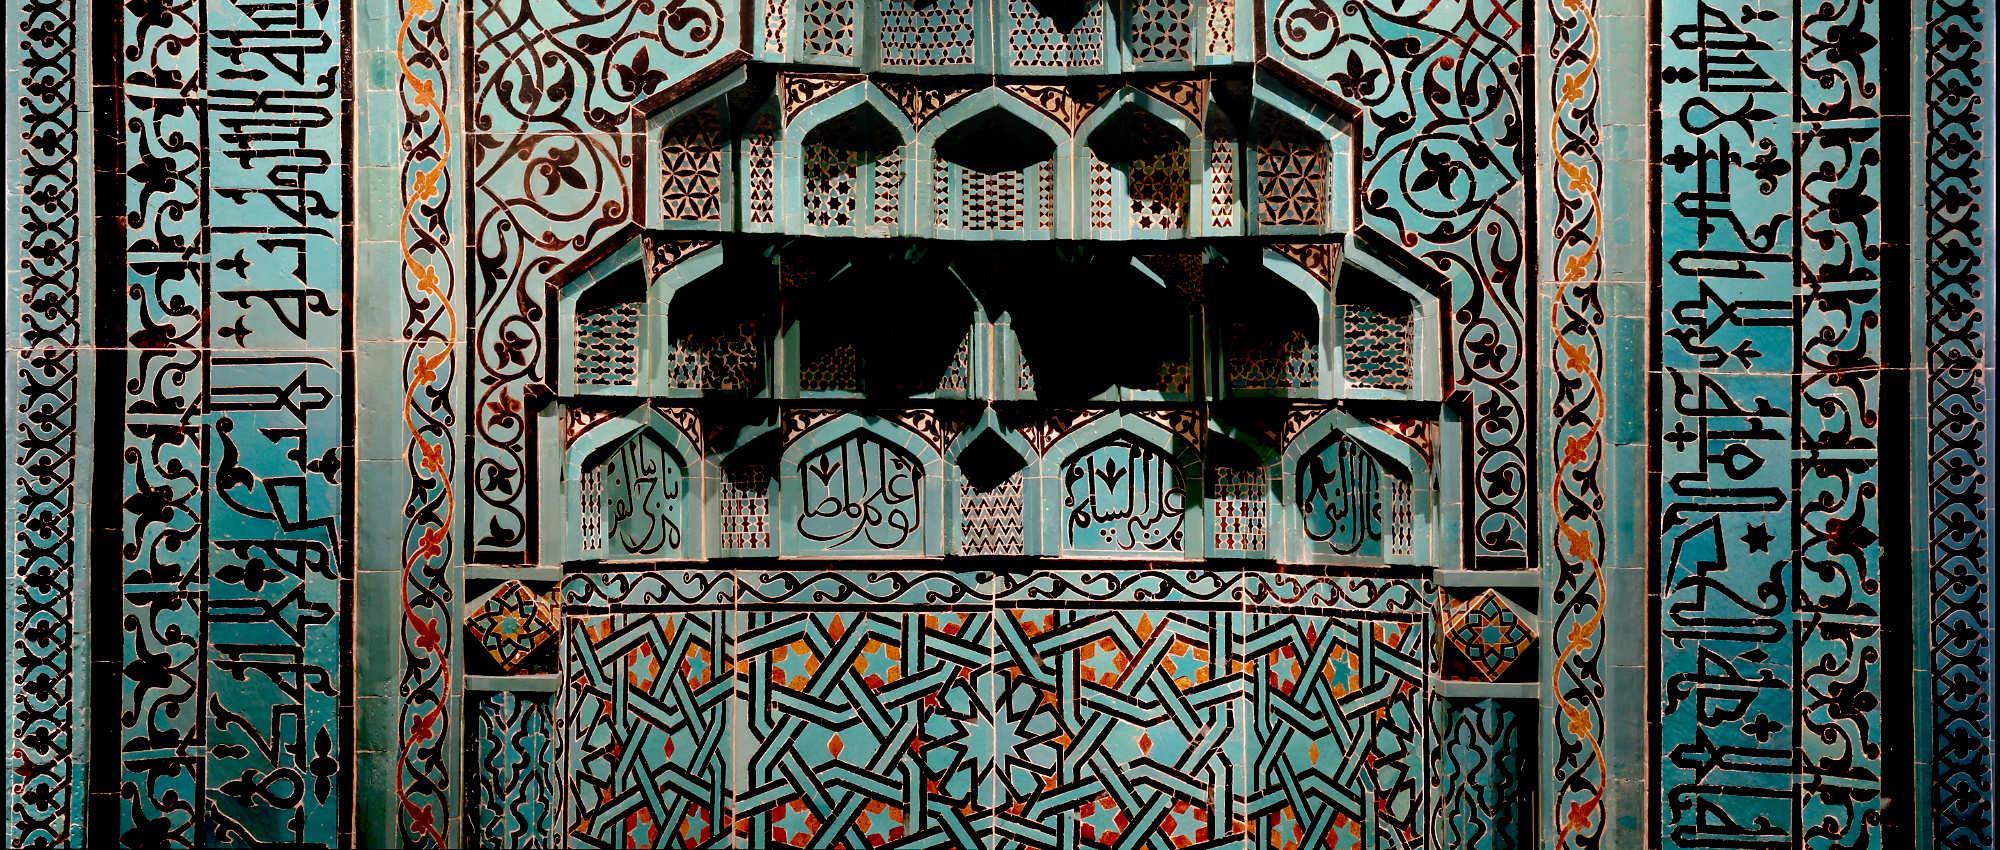 Museo de Arte Islámico Berlín